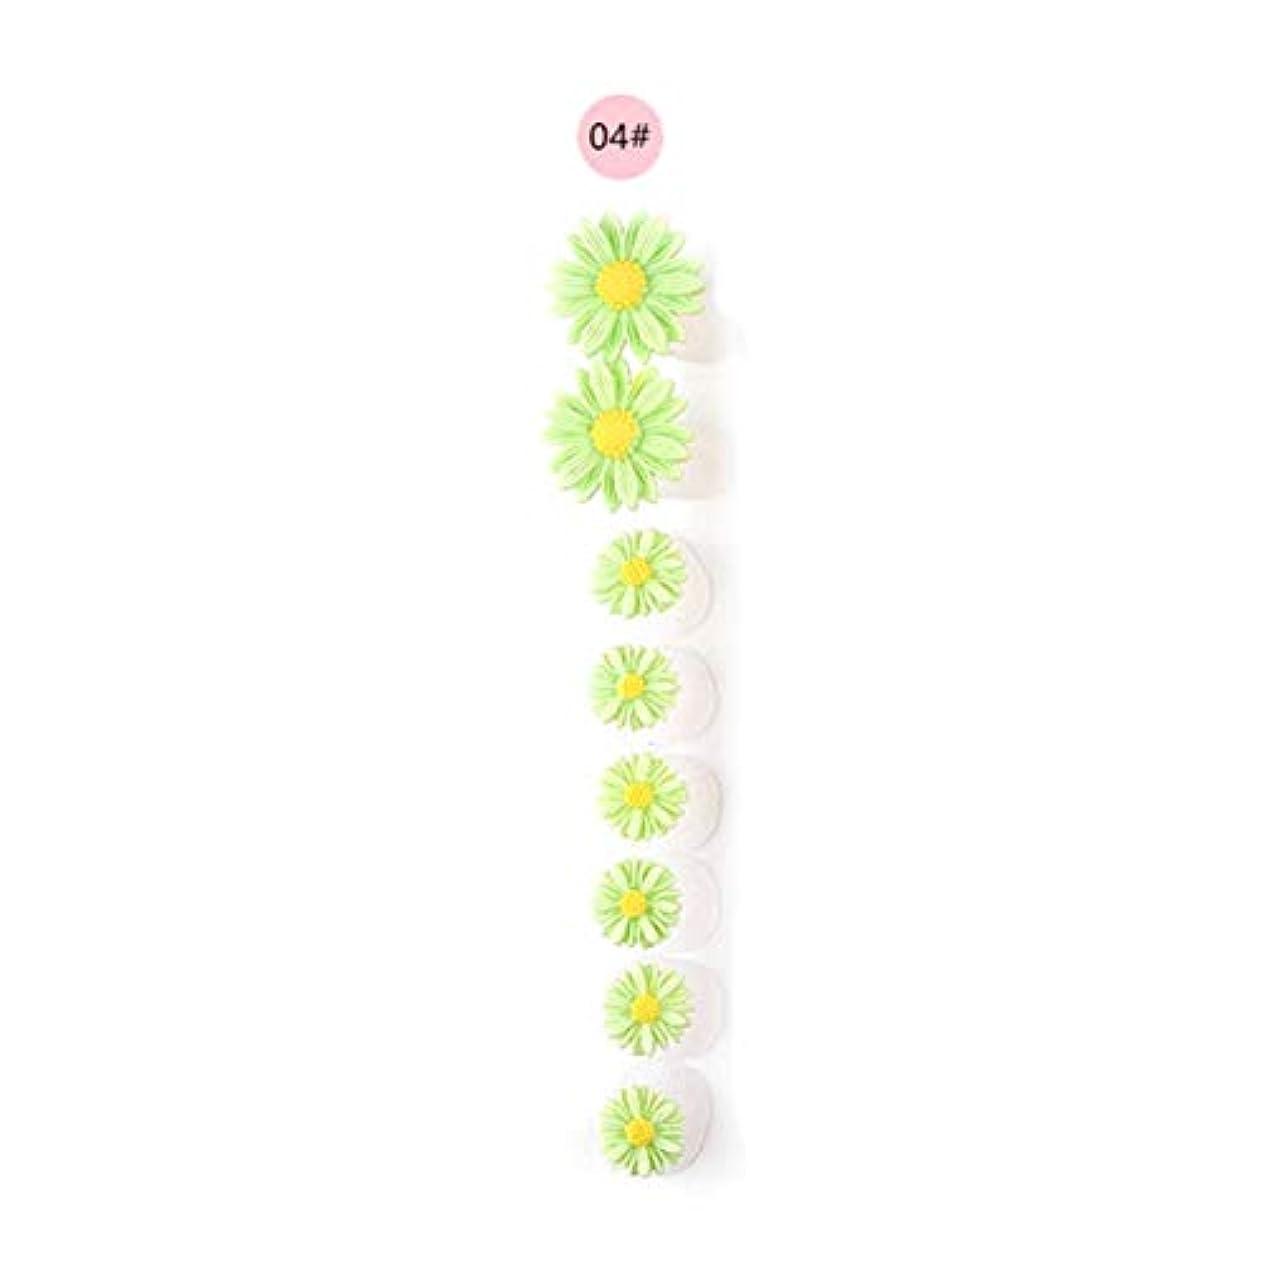 説明するランデブーハグ8ピース/セットシリコンつま先セパレーター足つま先スペーサー花形ペディキュアDIYネイルアートツール-カラフル04#